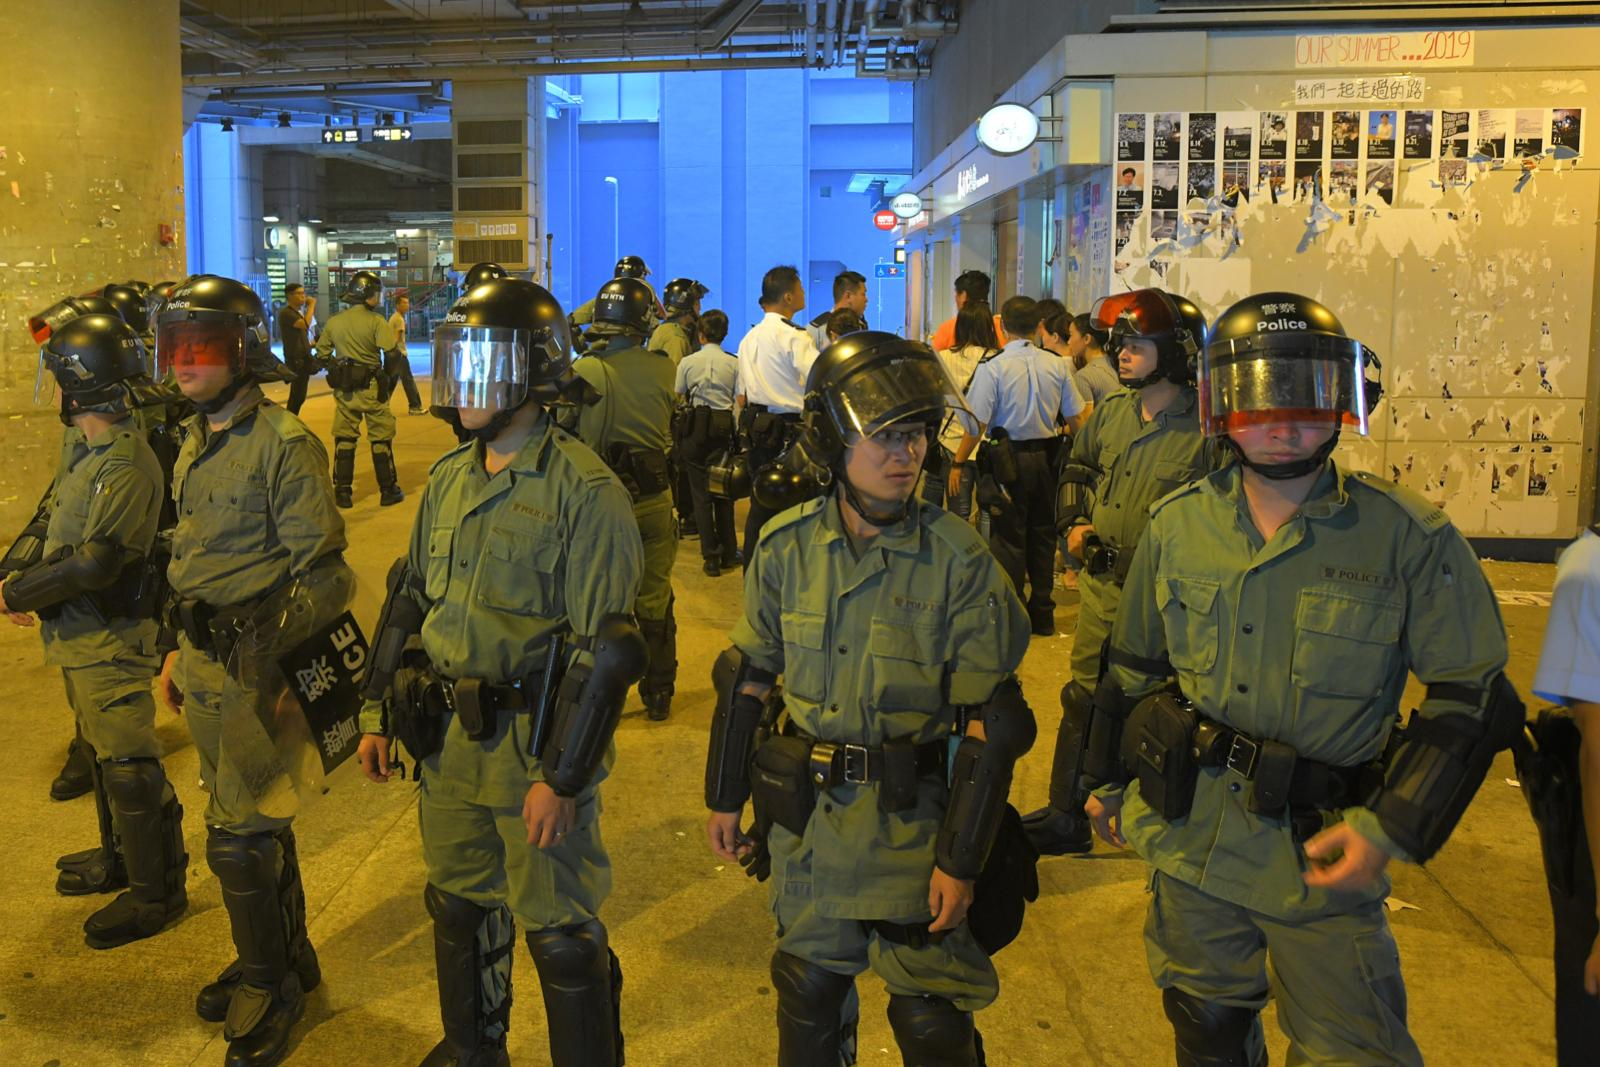 元朗「連儂牆」有防暴警員到場保護清牆人士。